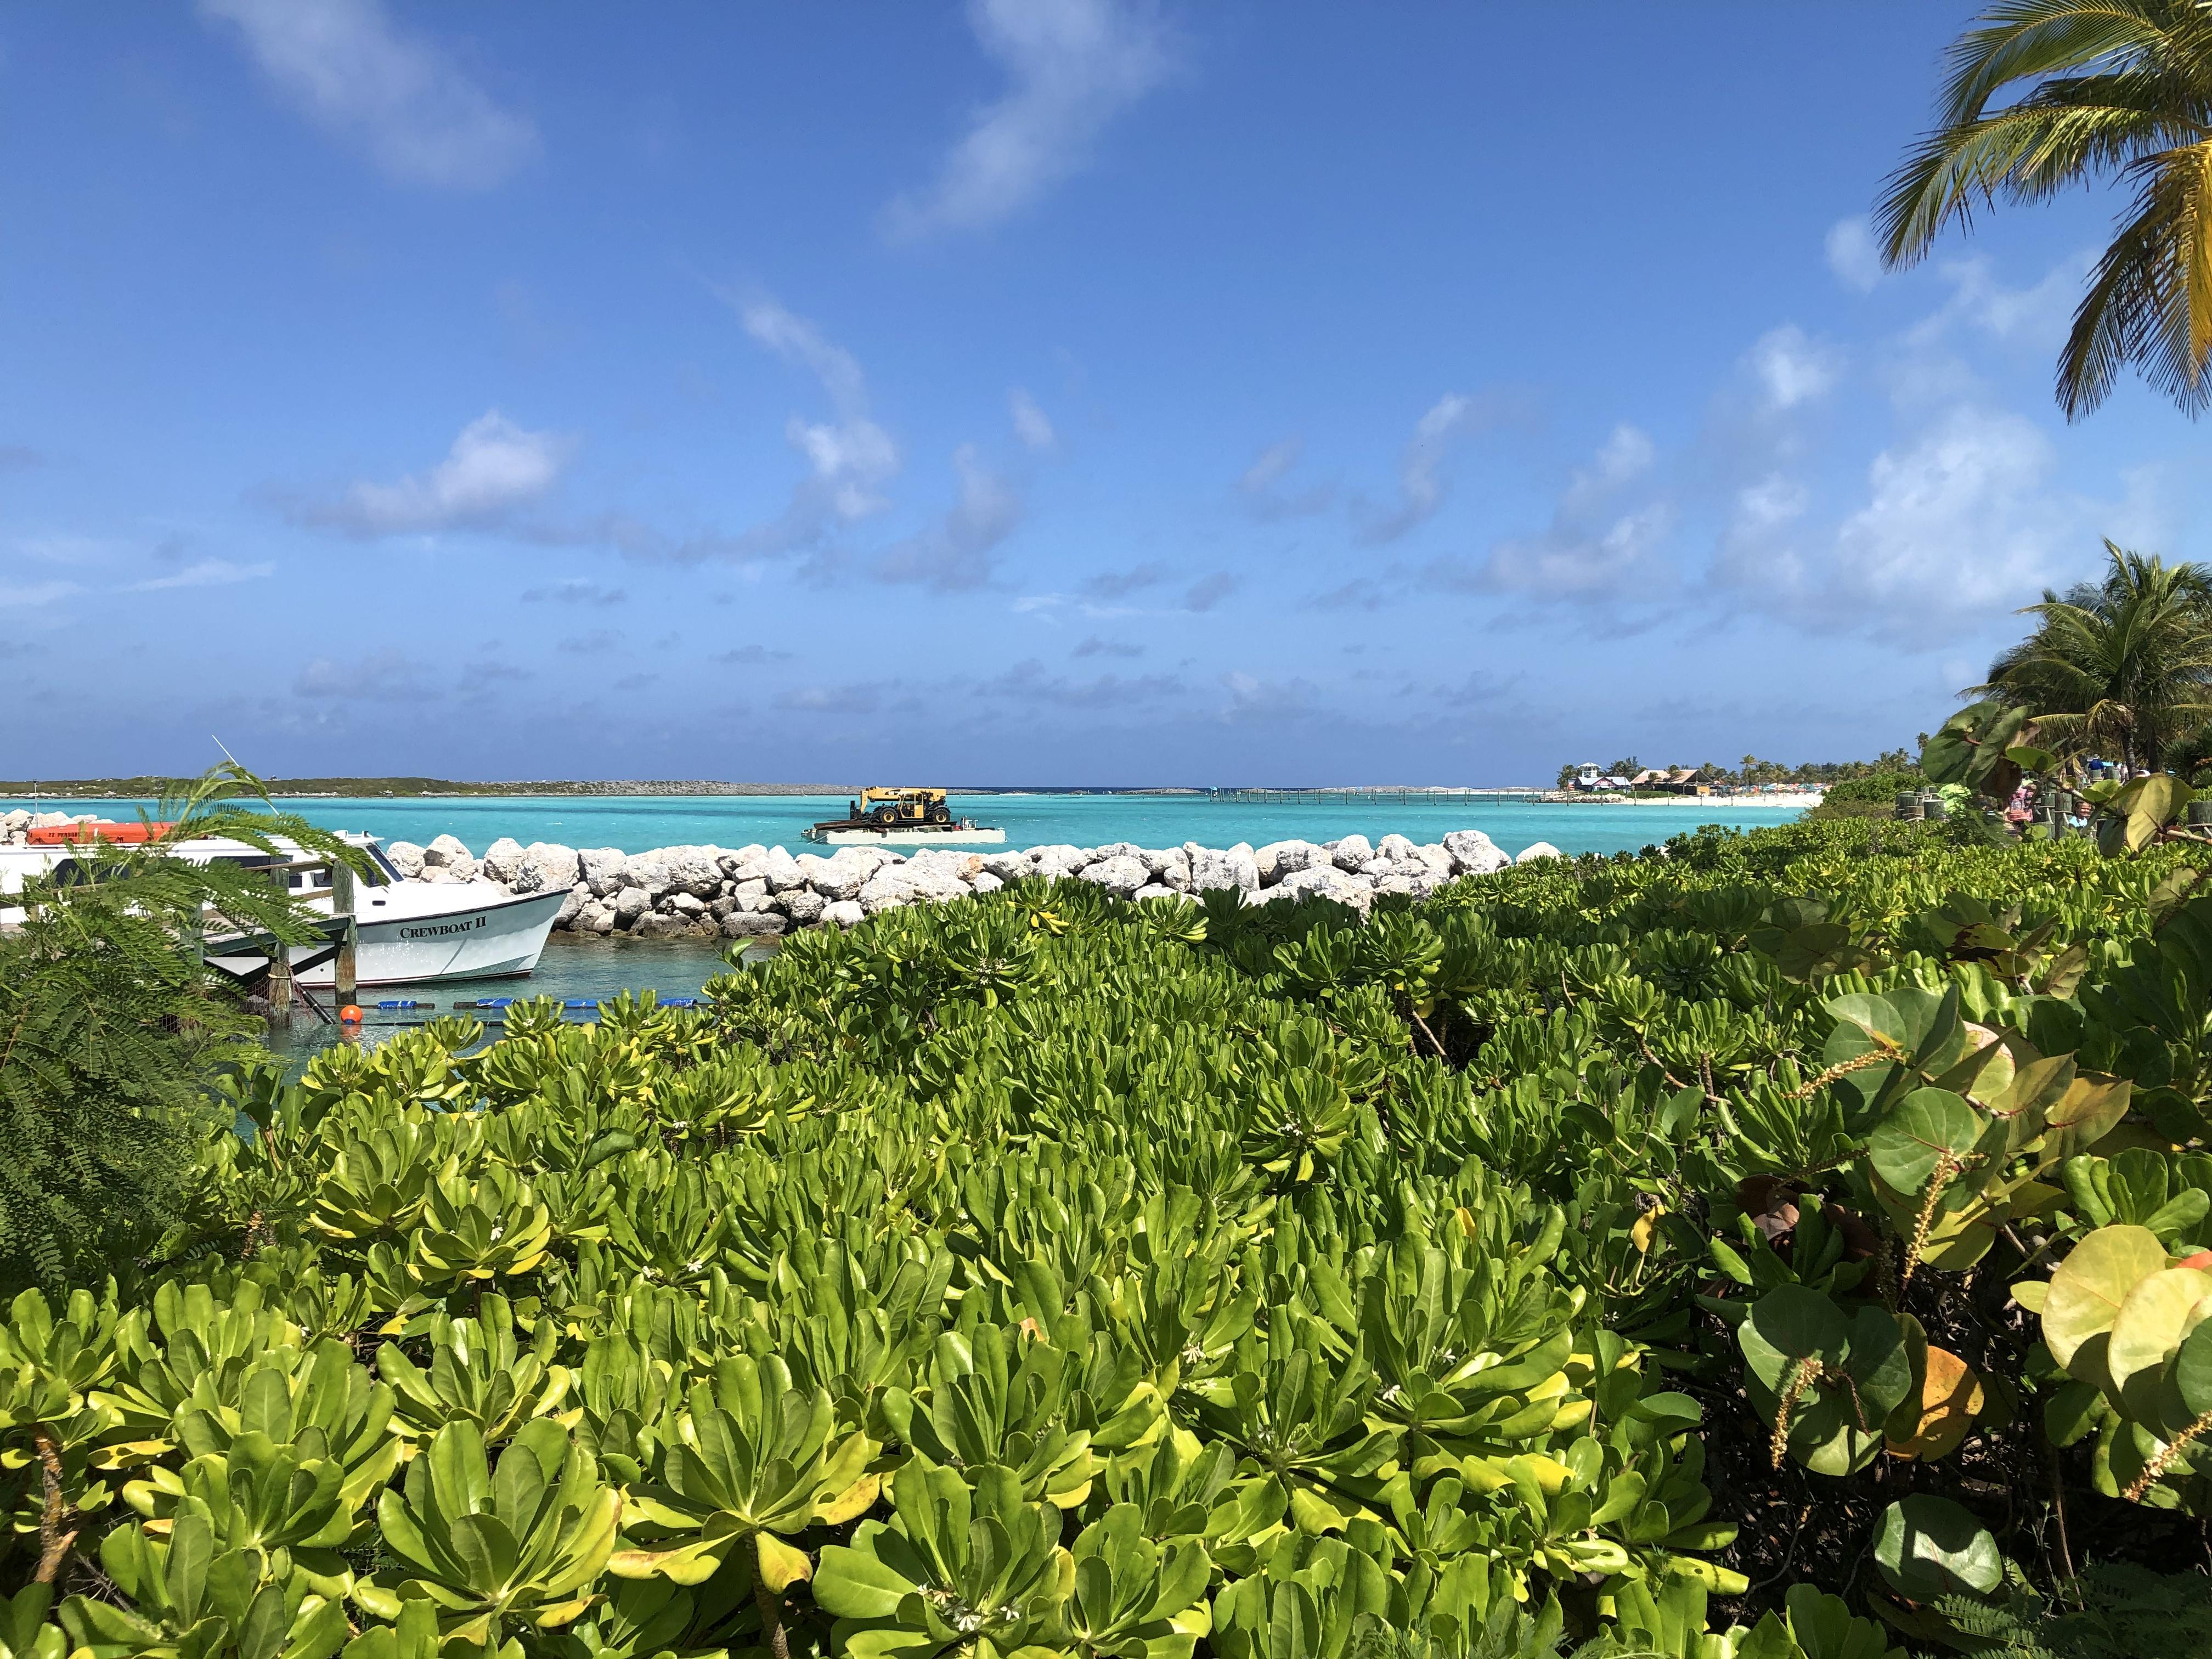 [Floride] Jour 6 : De retour à Castaway Cay – Partie 1 1